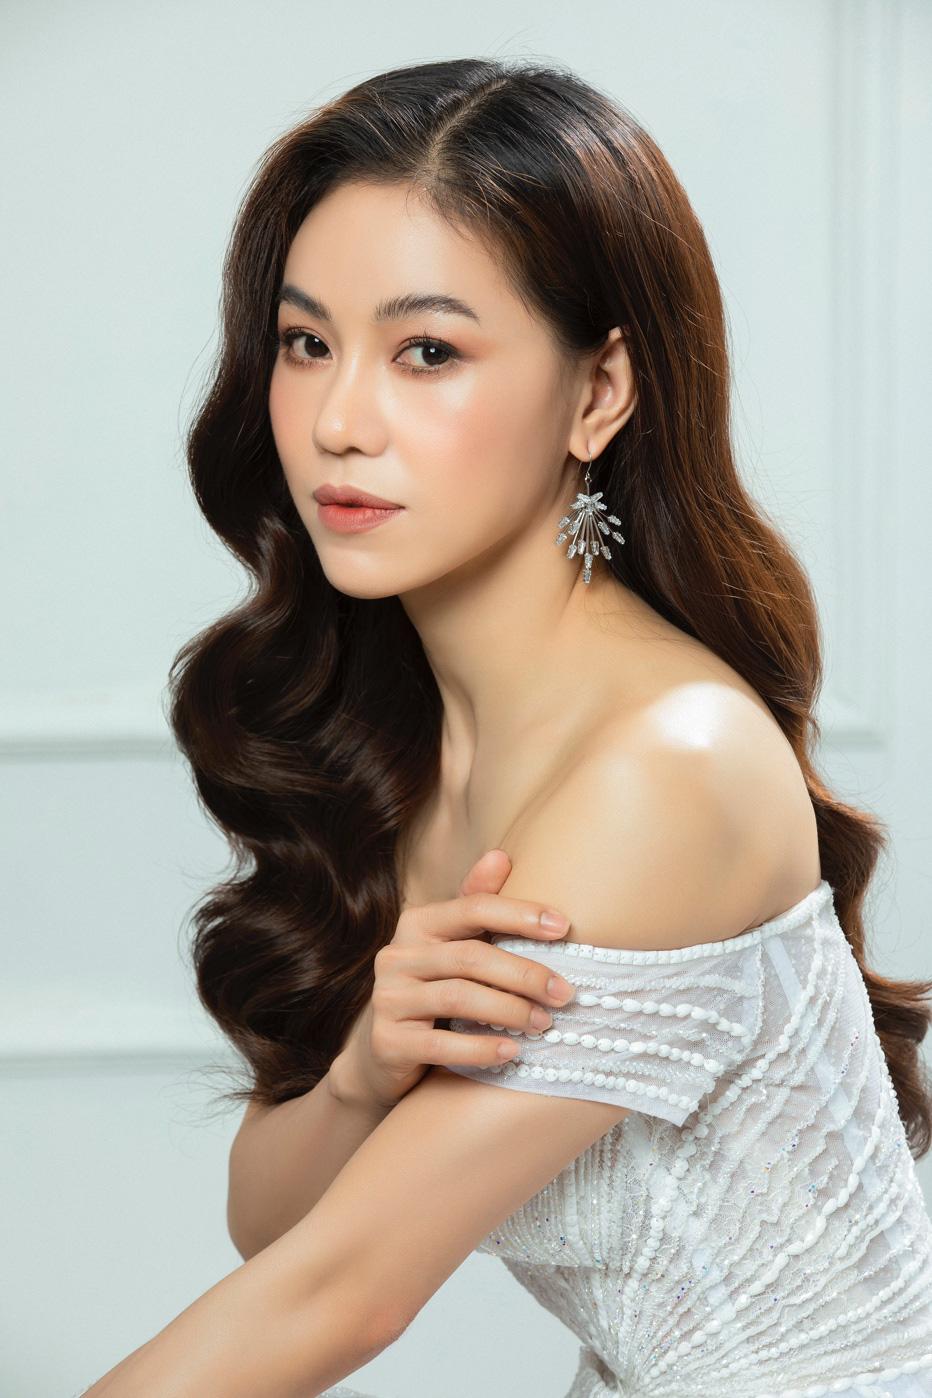 """Xinh đẹp, tài năng nhưng chưa phải tất cả, câu chuyện đằng sau thành công của """"bà trùm hoa hậu"""" Phạm Kim Dung còn """"đáng kể"""" hơn nhiều - Ảnh 2."""